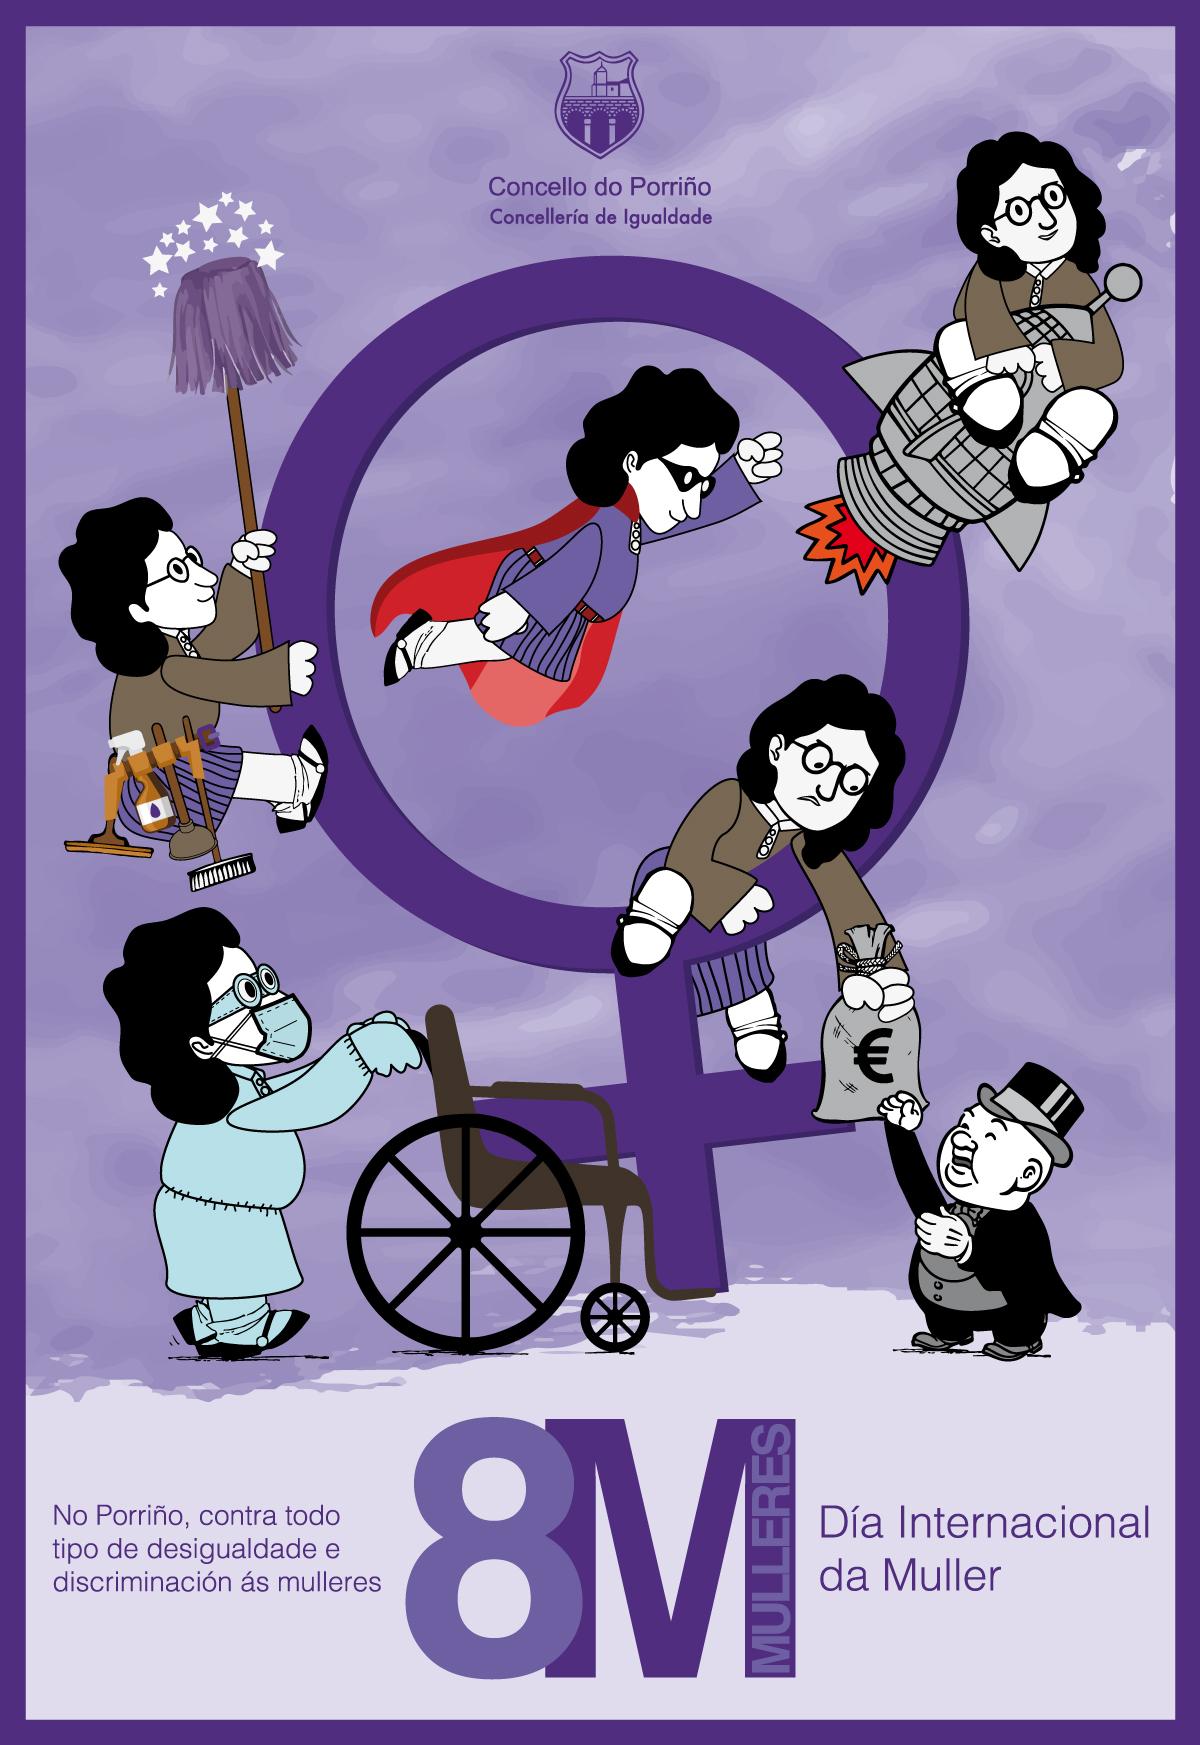 8M: Conmemoración do Día Internacional da Muller